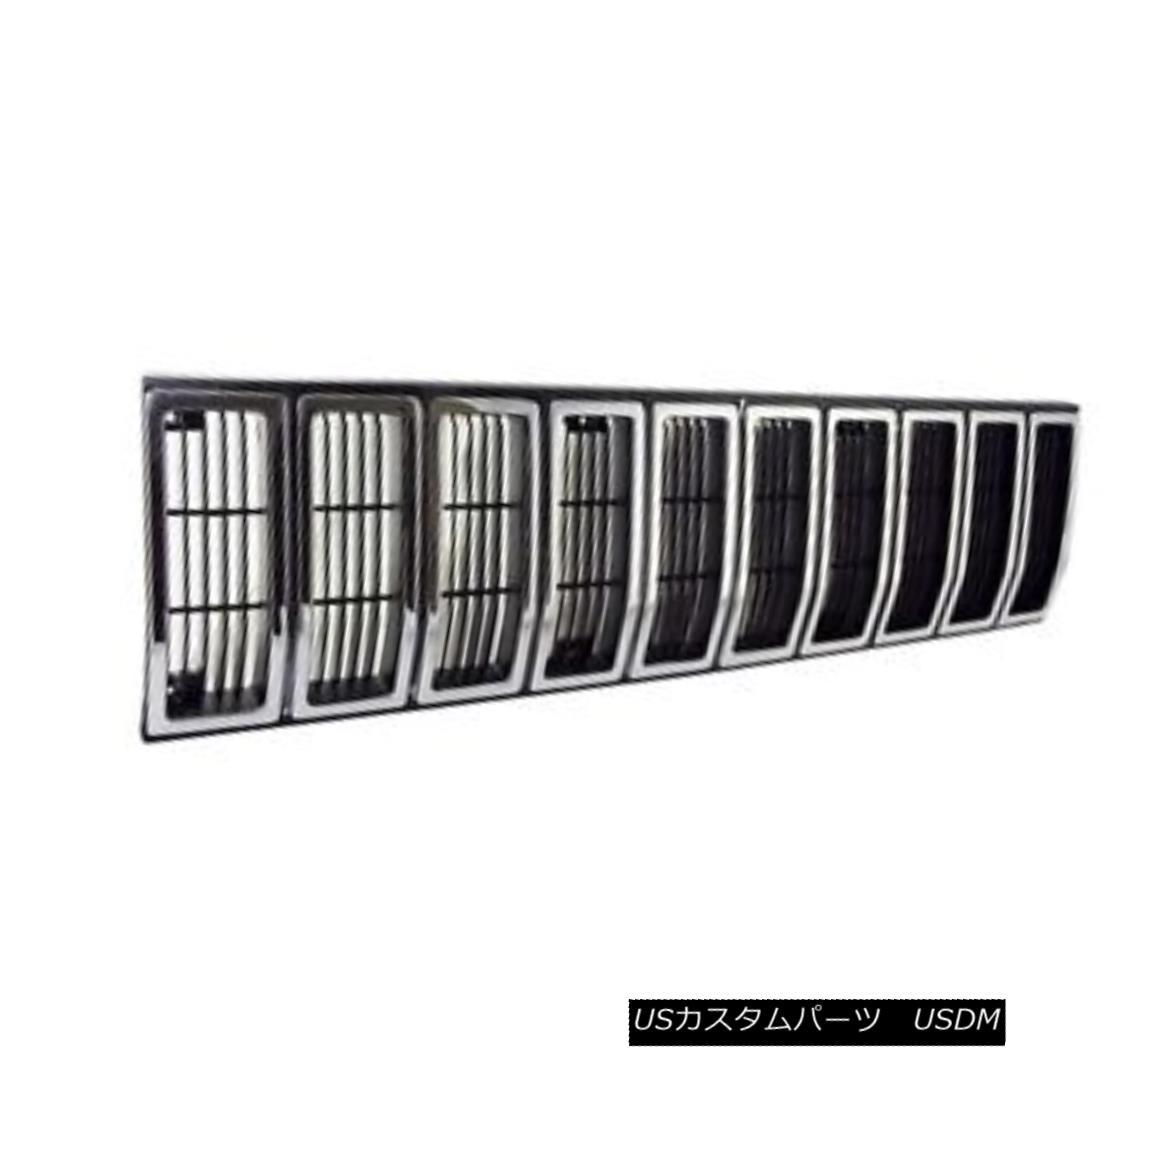 グリル Grille Insert, Black/Chrome; 84-87 Jeep Cherokee XJ グリルインサート、ブラック/クローム; 84-87ジープチェロキーXJ